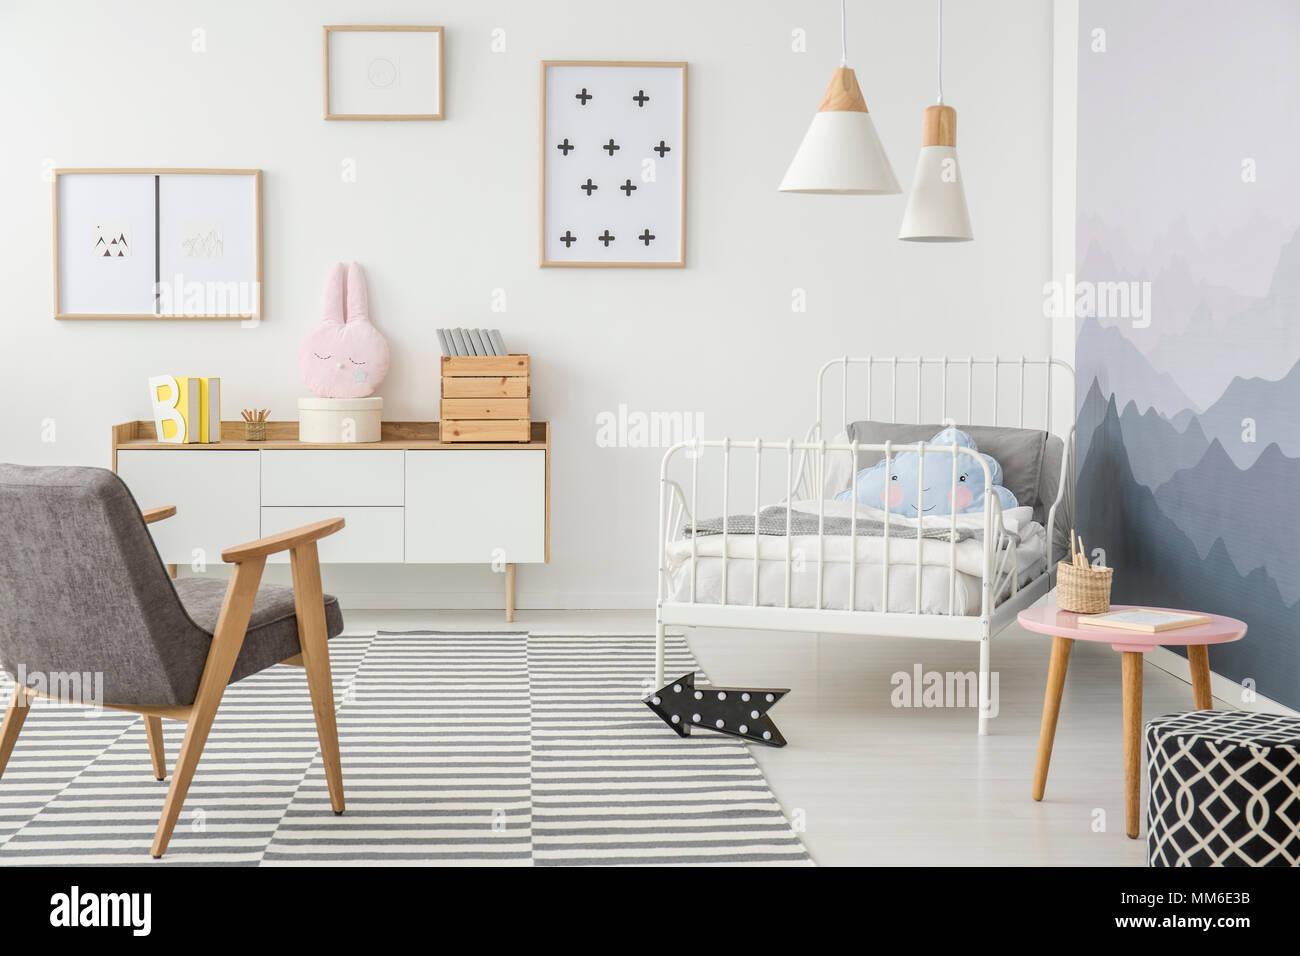 Cute Oreillers Sur Un Cadre Métallique De Lu0027enfant Lit Et Du0027un Mobilier En  Bois Simple Dans Un Design Créatif Pour Une Jeune Fille De Chambre à Coucher